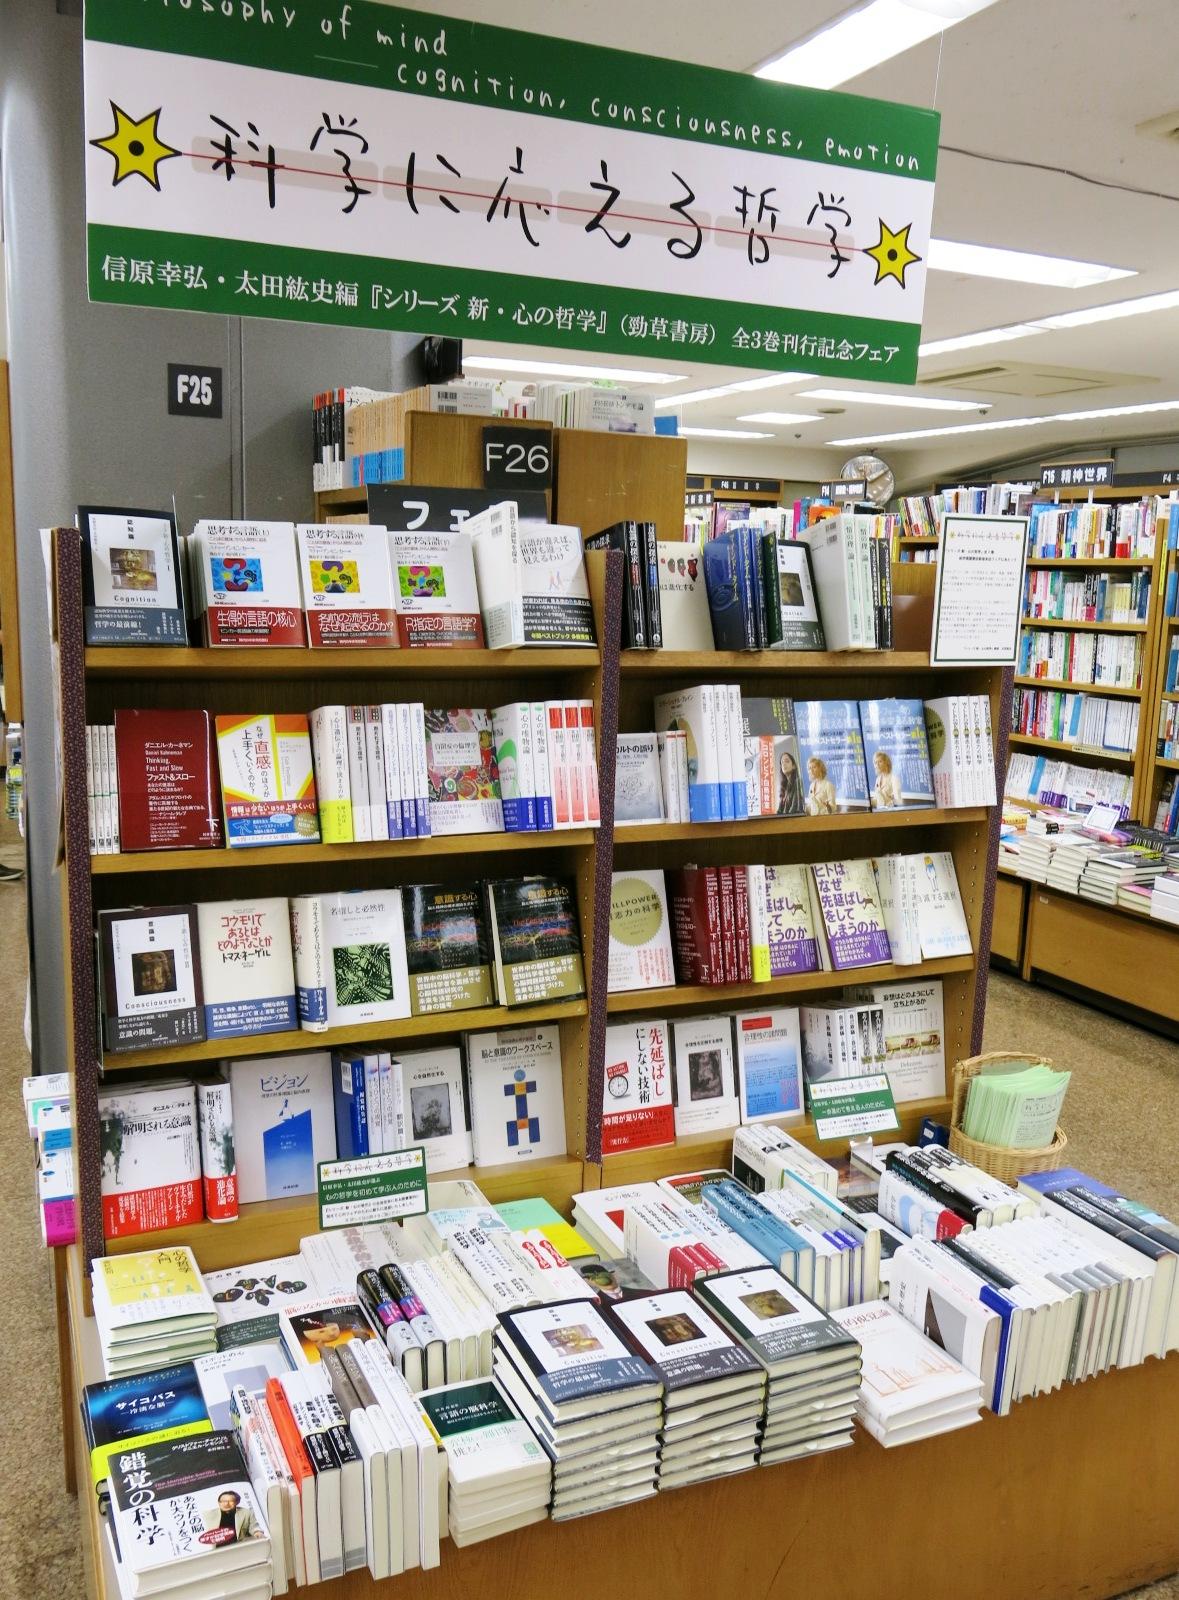 『シリーズ 新・心の哲学』全3巻刊行記念フェア 紀伊國屋書店新宿本店